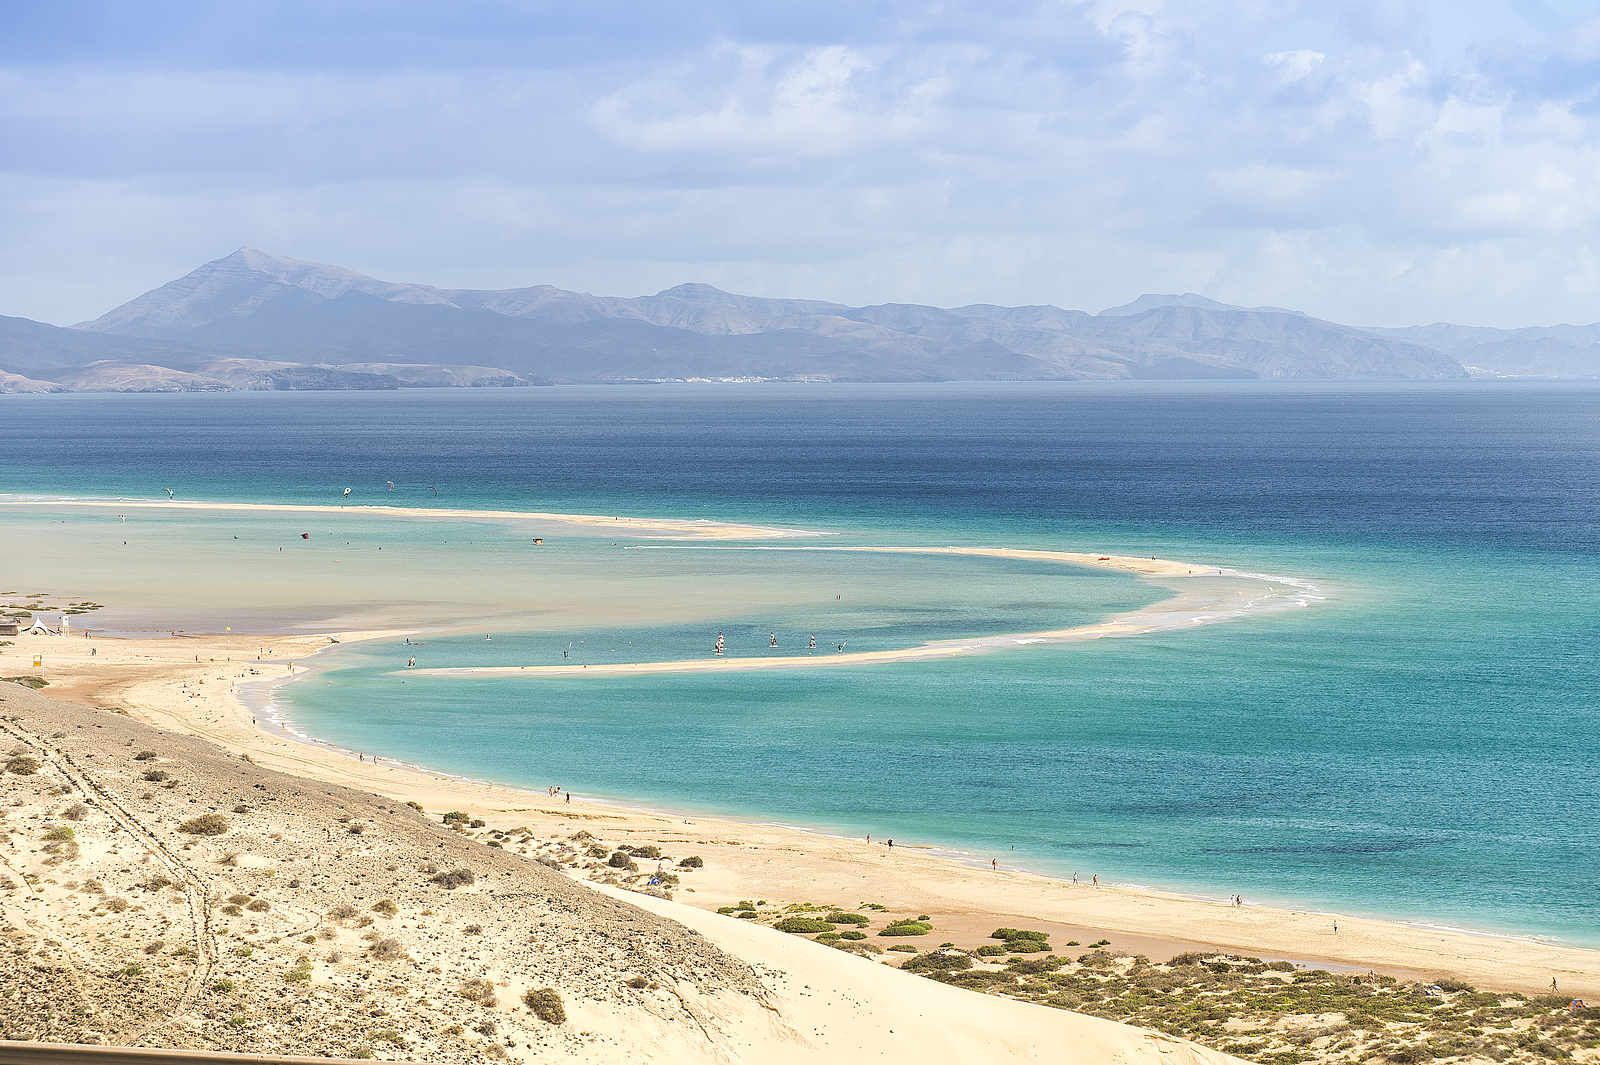 Langer feiner Sandtrand und der atlantische Ozean